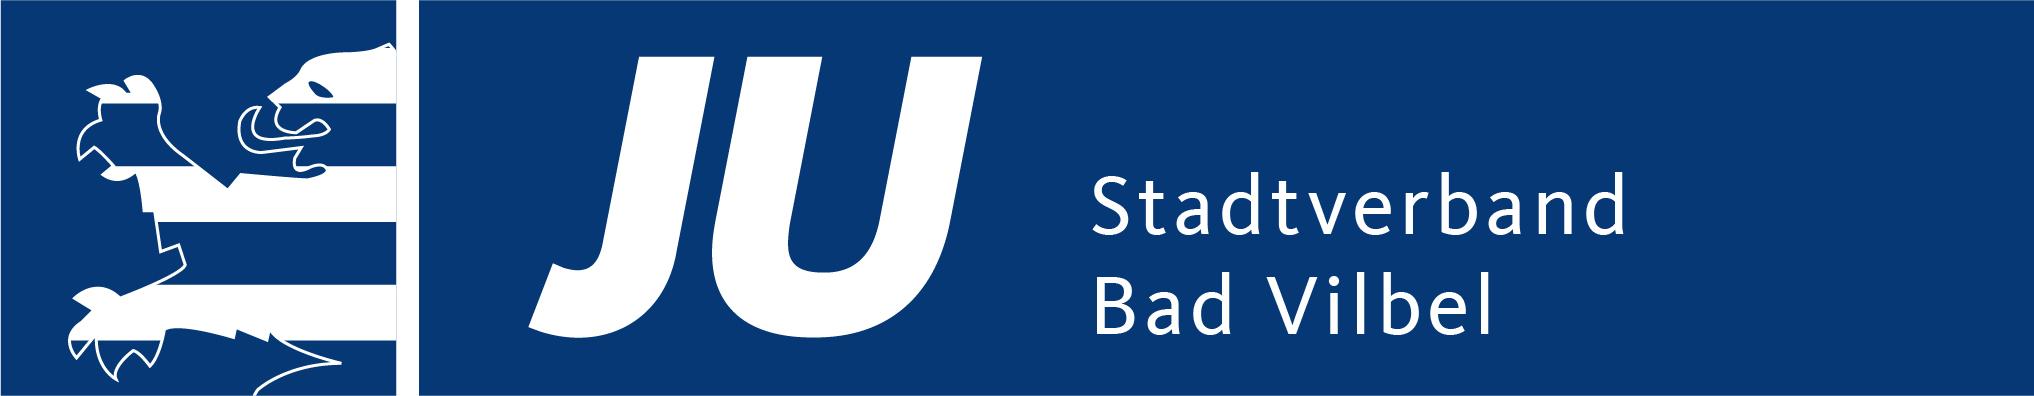 Logo von Junge Union Bad Vilbel